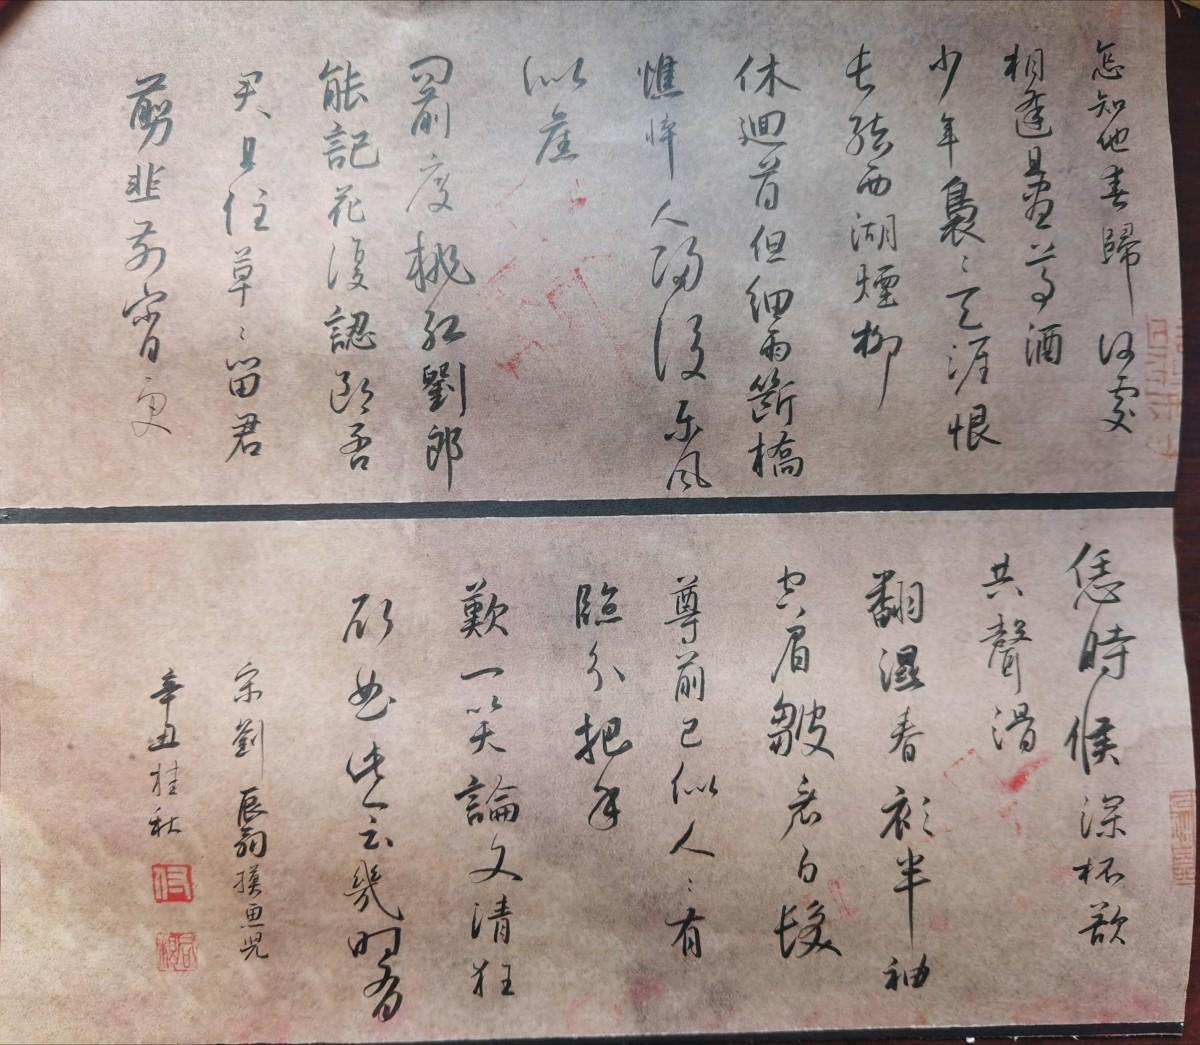 钢笔书法练字打卡20211012-13